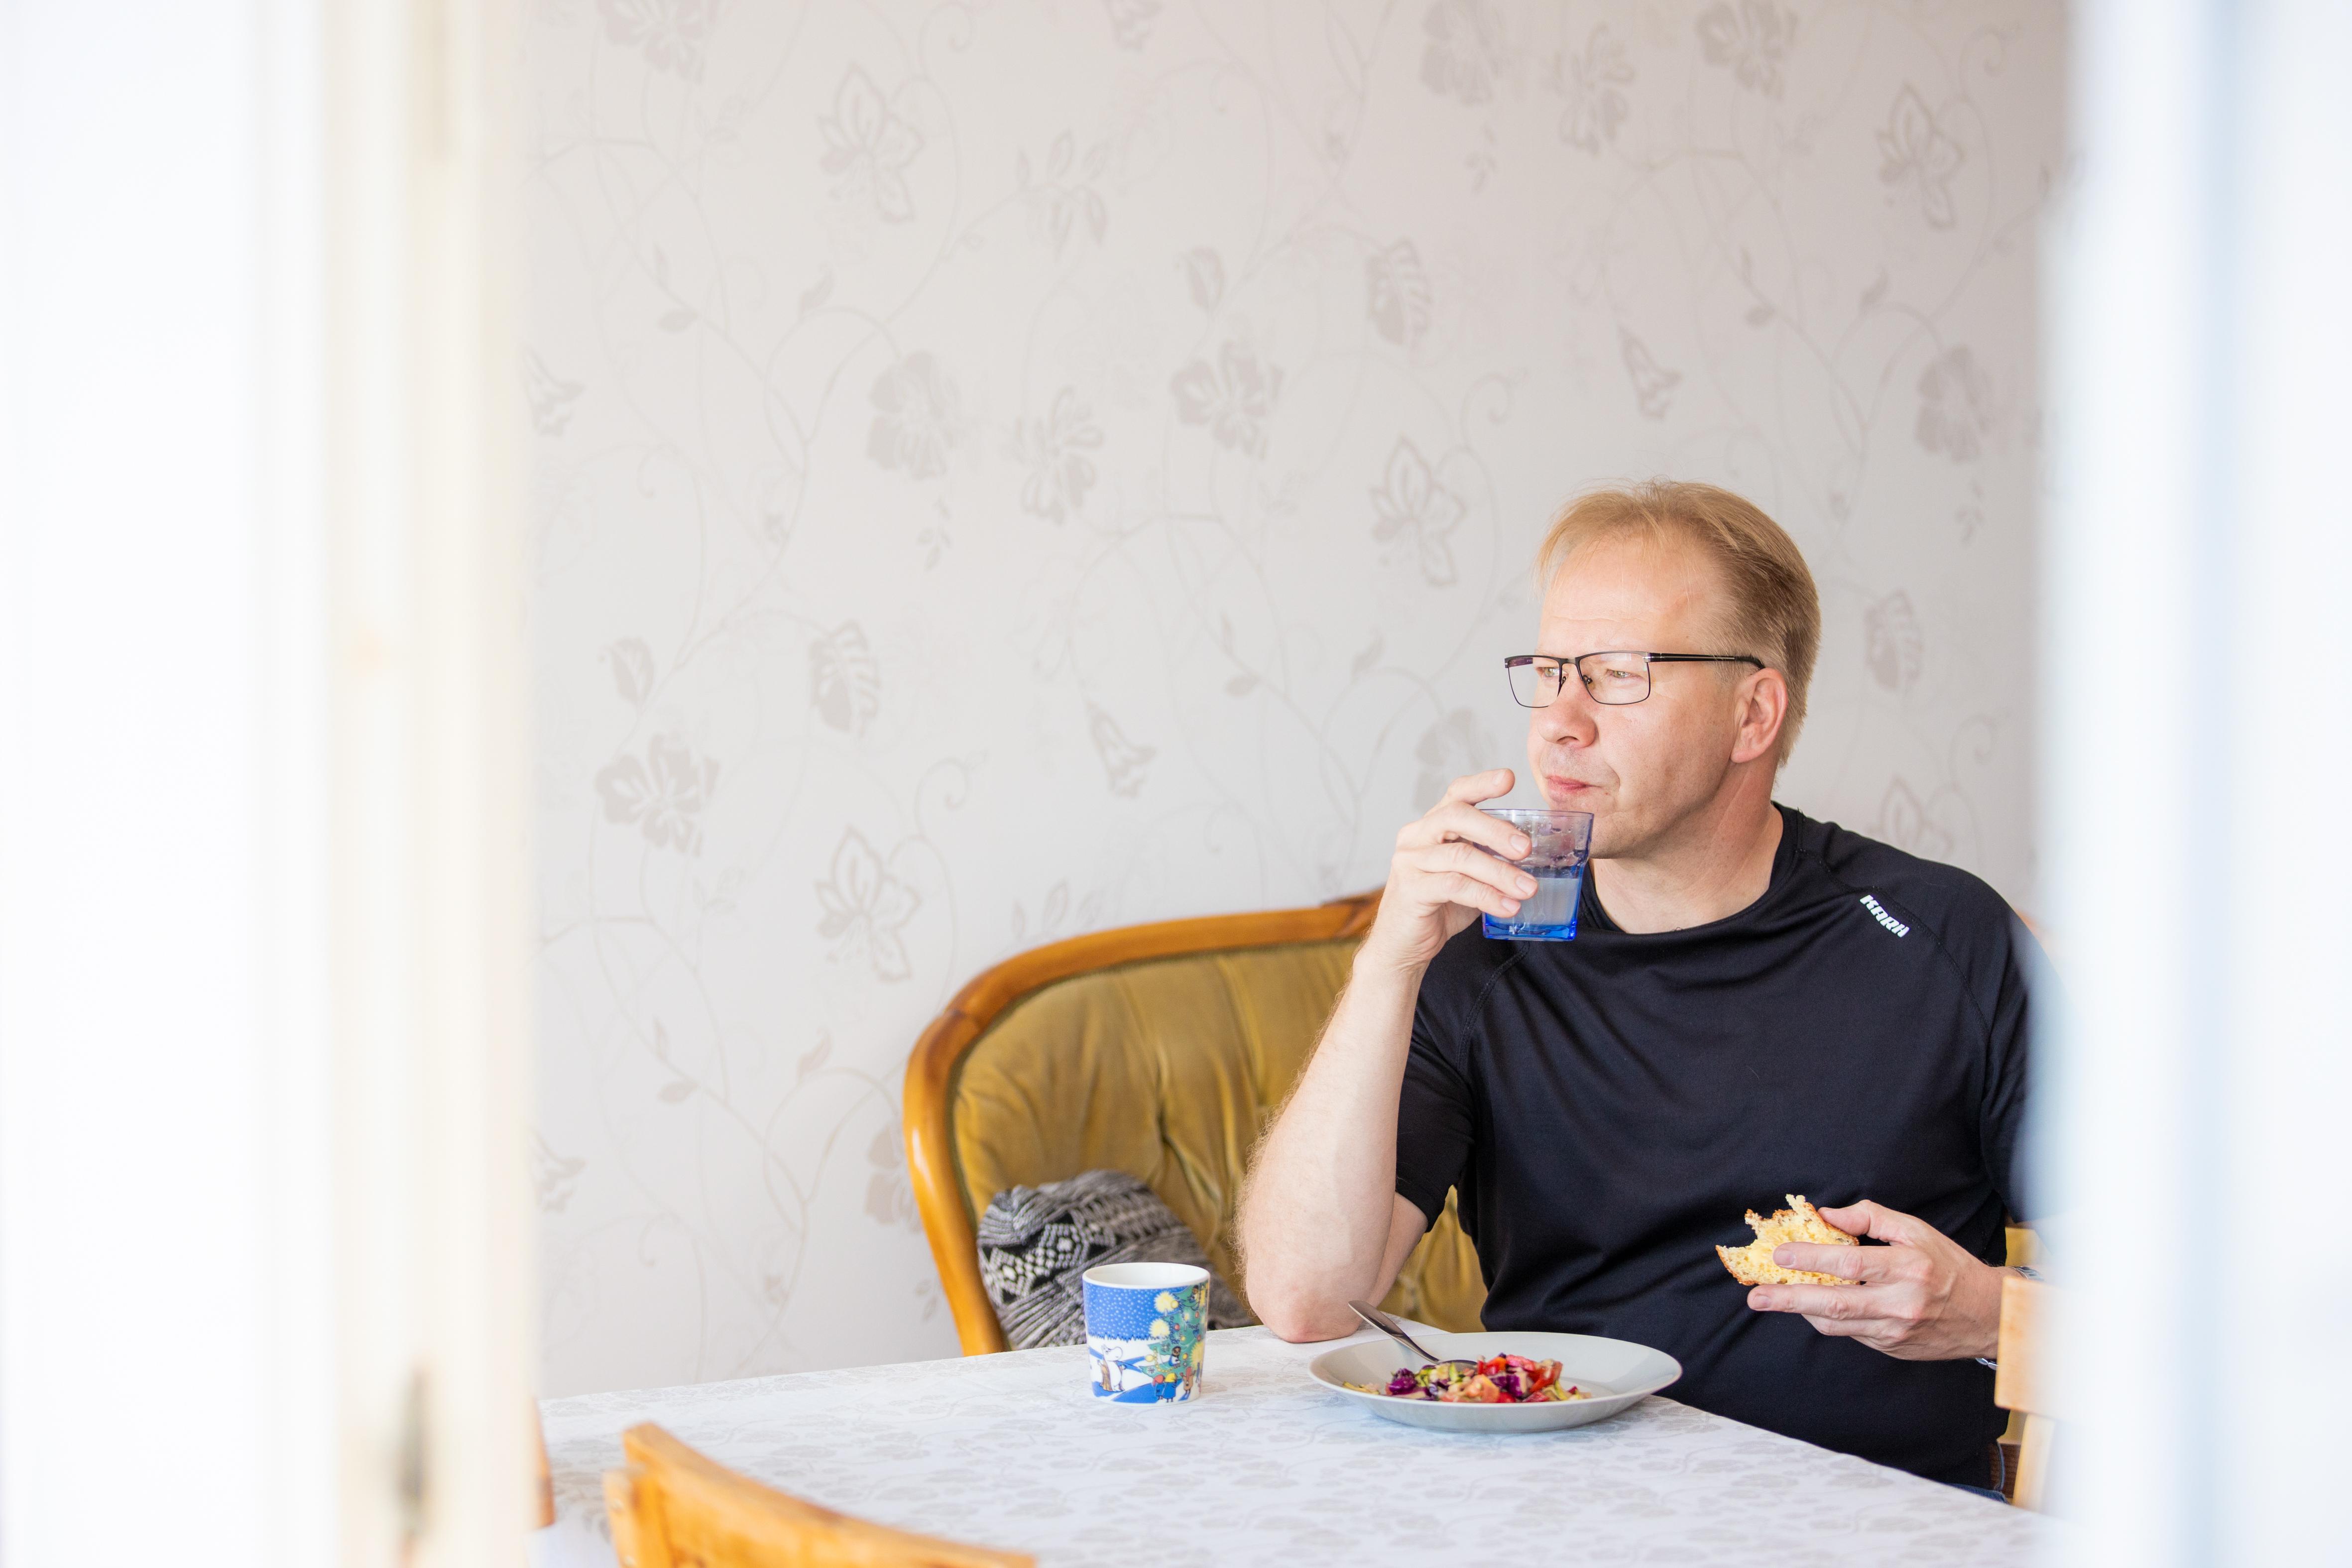 Jari Kettunen amupalalla yövuoron jälkeen. Pöydässä on itse tehtyä leipää ja salaattia.